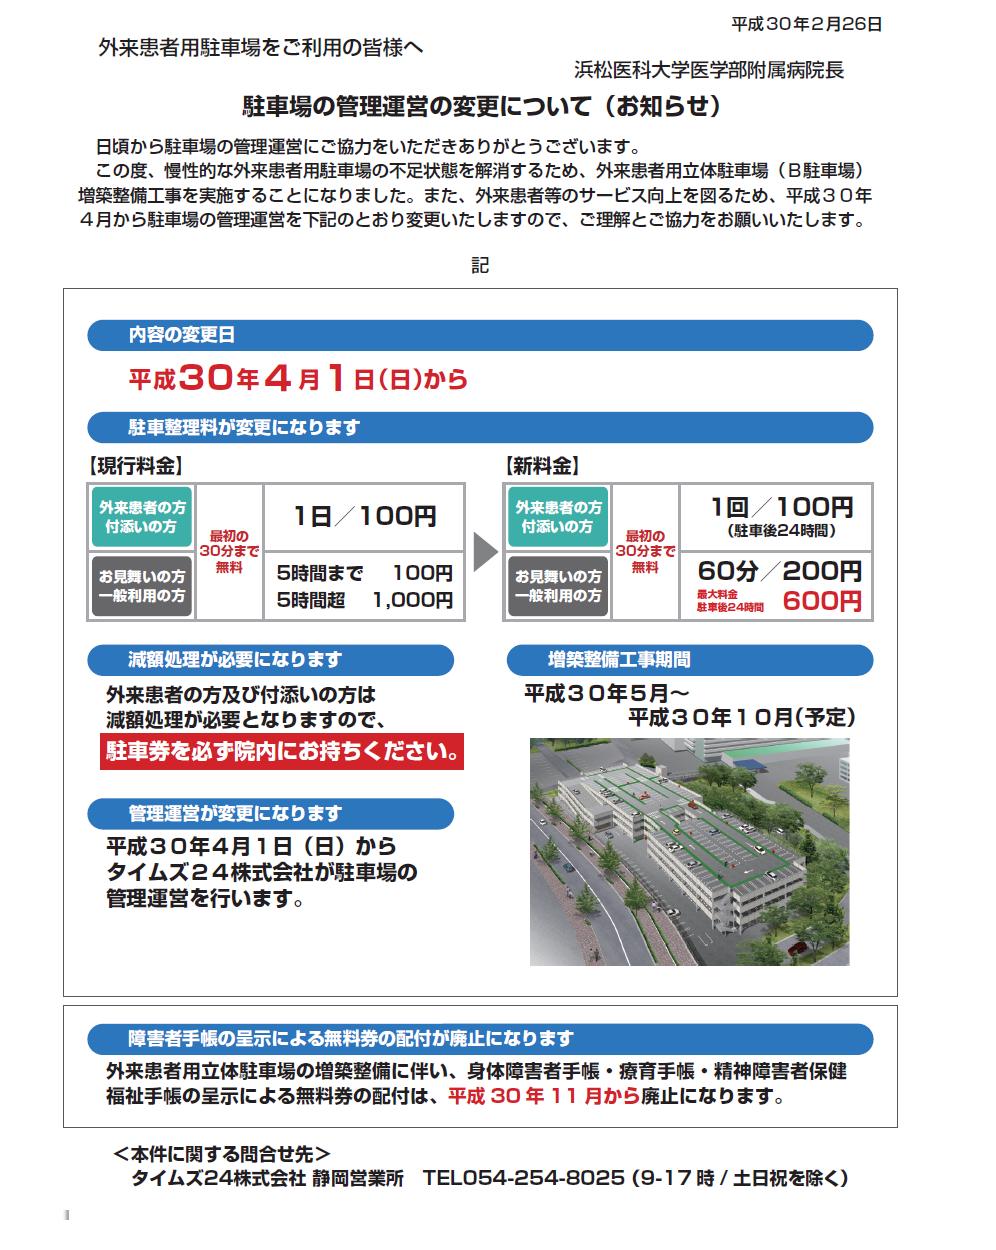 駐車場の管理運営の変更について(お知らせ)平成30年4月1日から